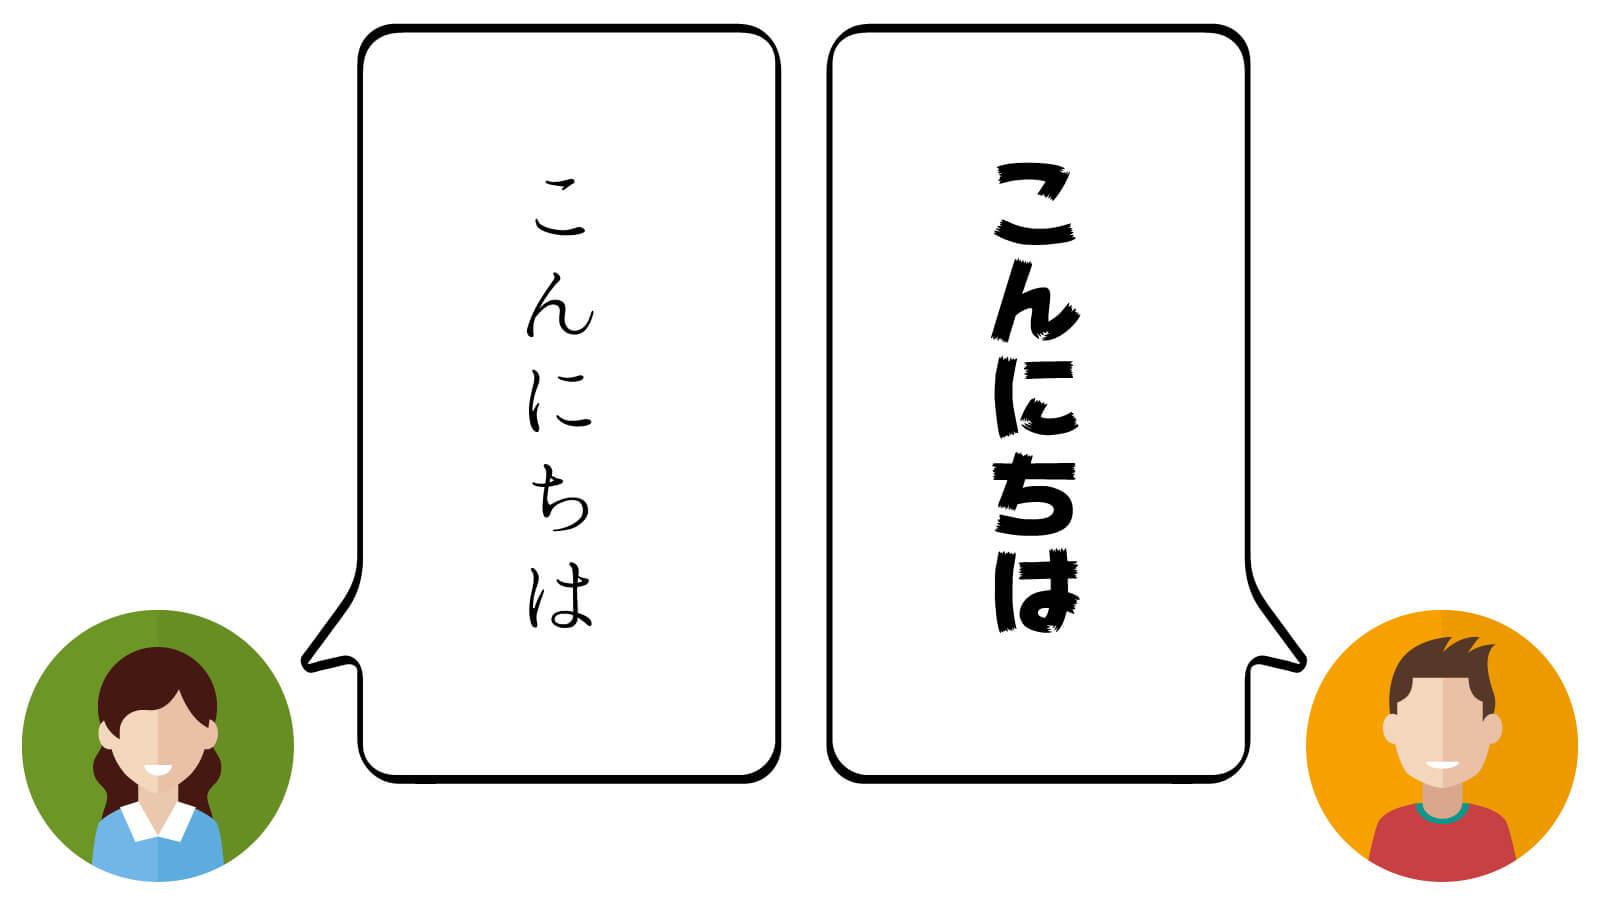 フォントが違うと与える人物像が変わる